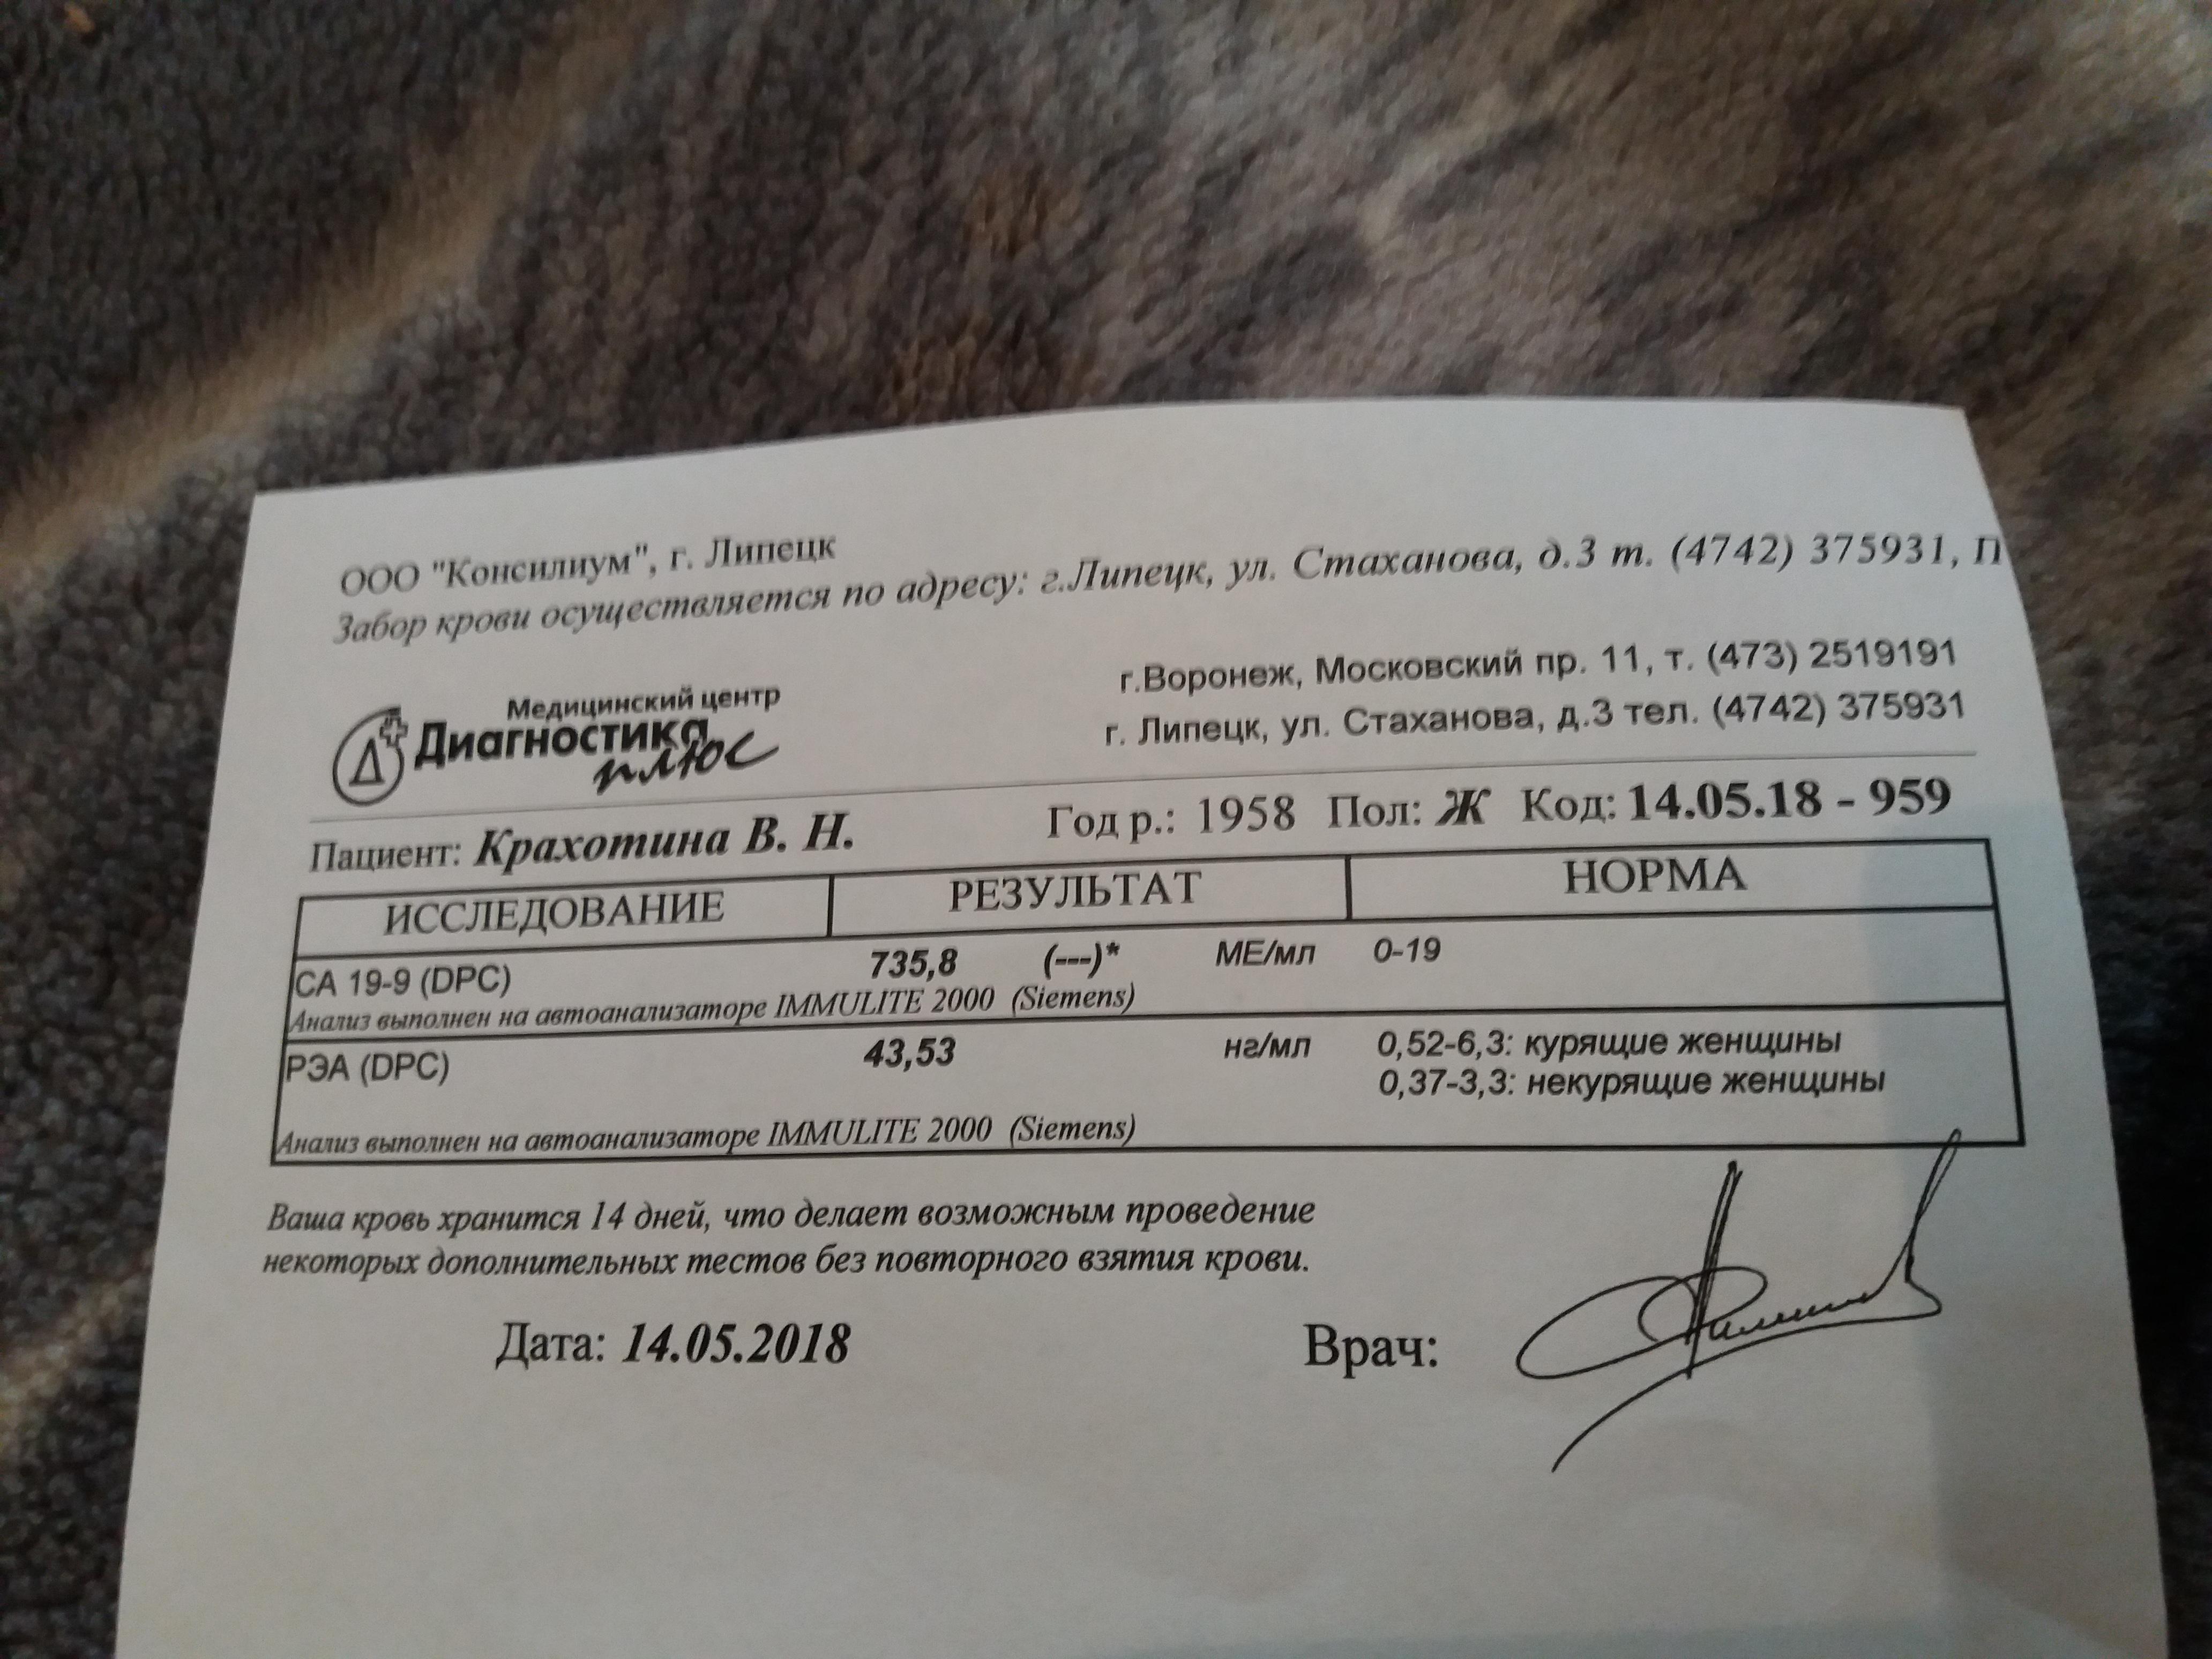 Анализ крови ca 19-9 норма Больничный лист Южная улица (поселок совхоза Крекшино)